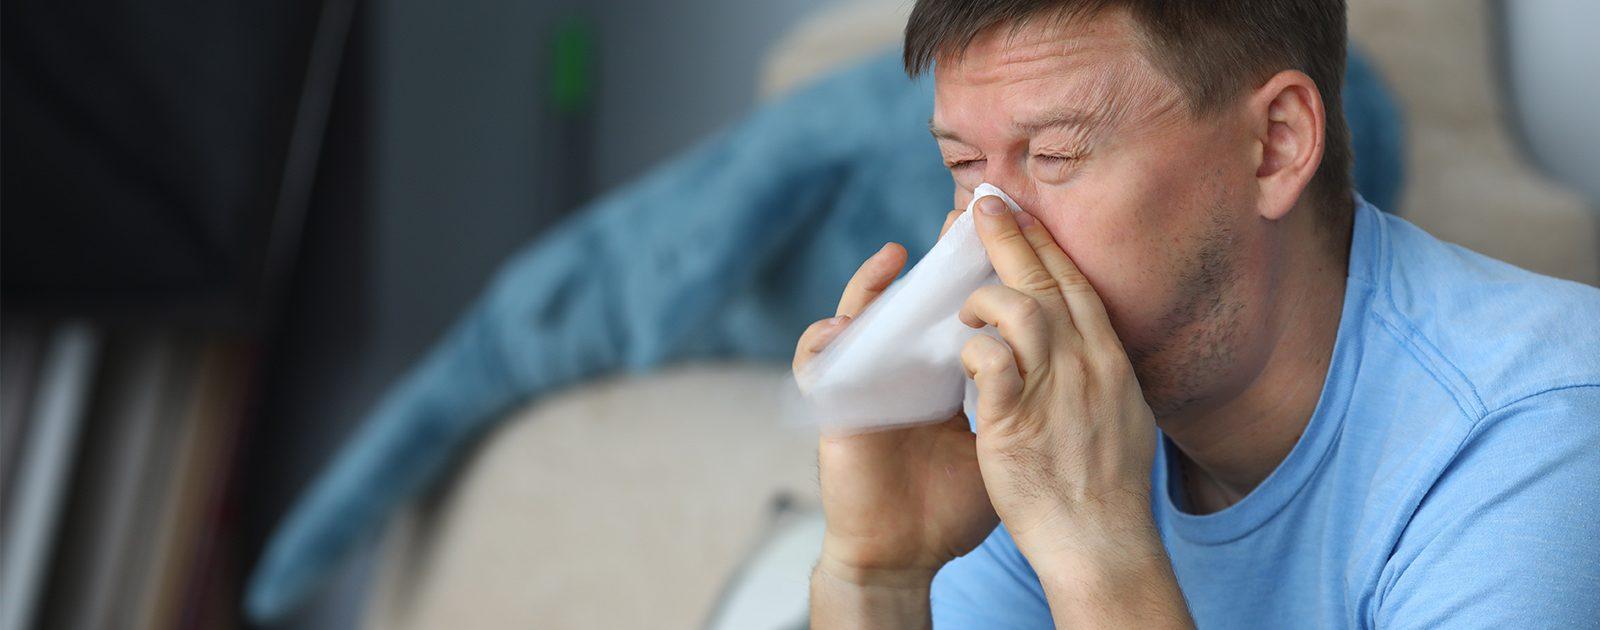 Mann leidet aufgrund seiner Hausstauballergie unter einer laufenden Nase und schnäuzt sich.